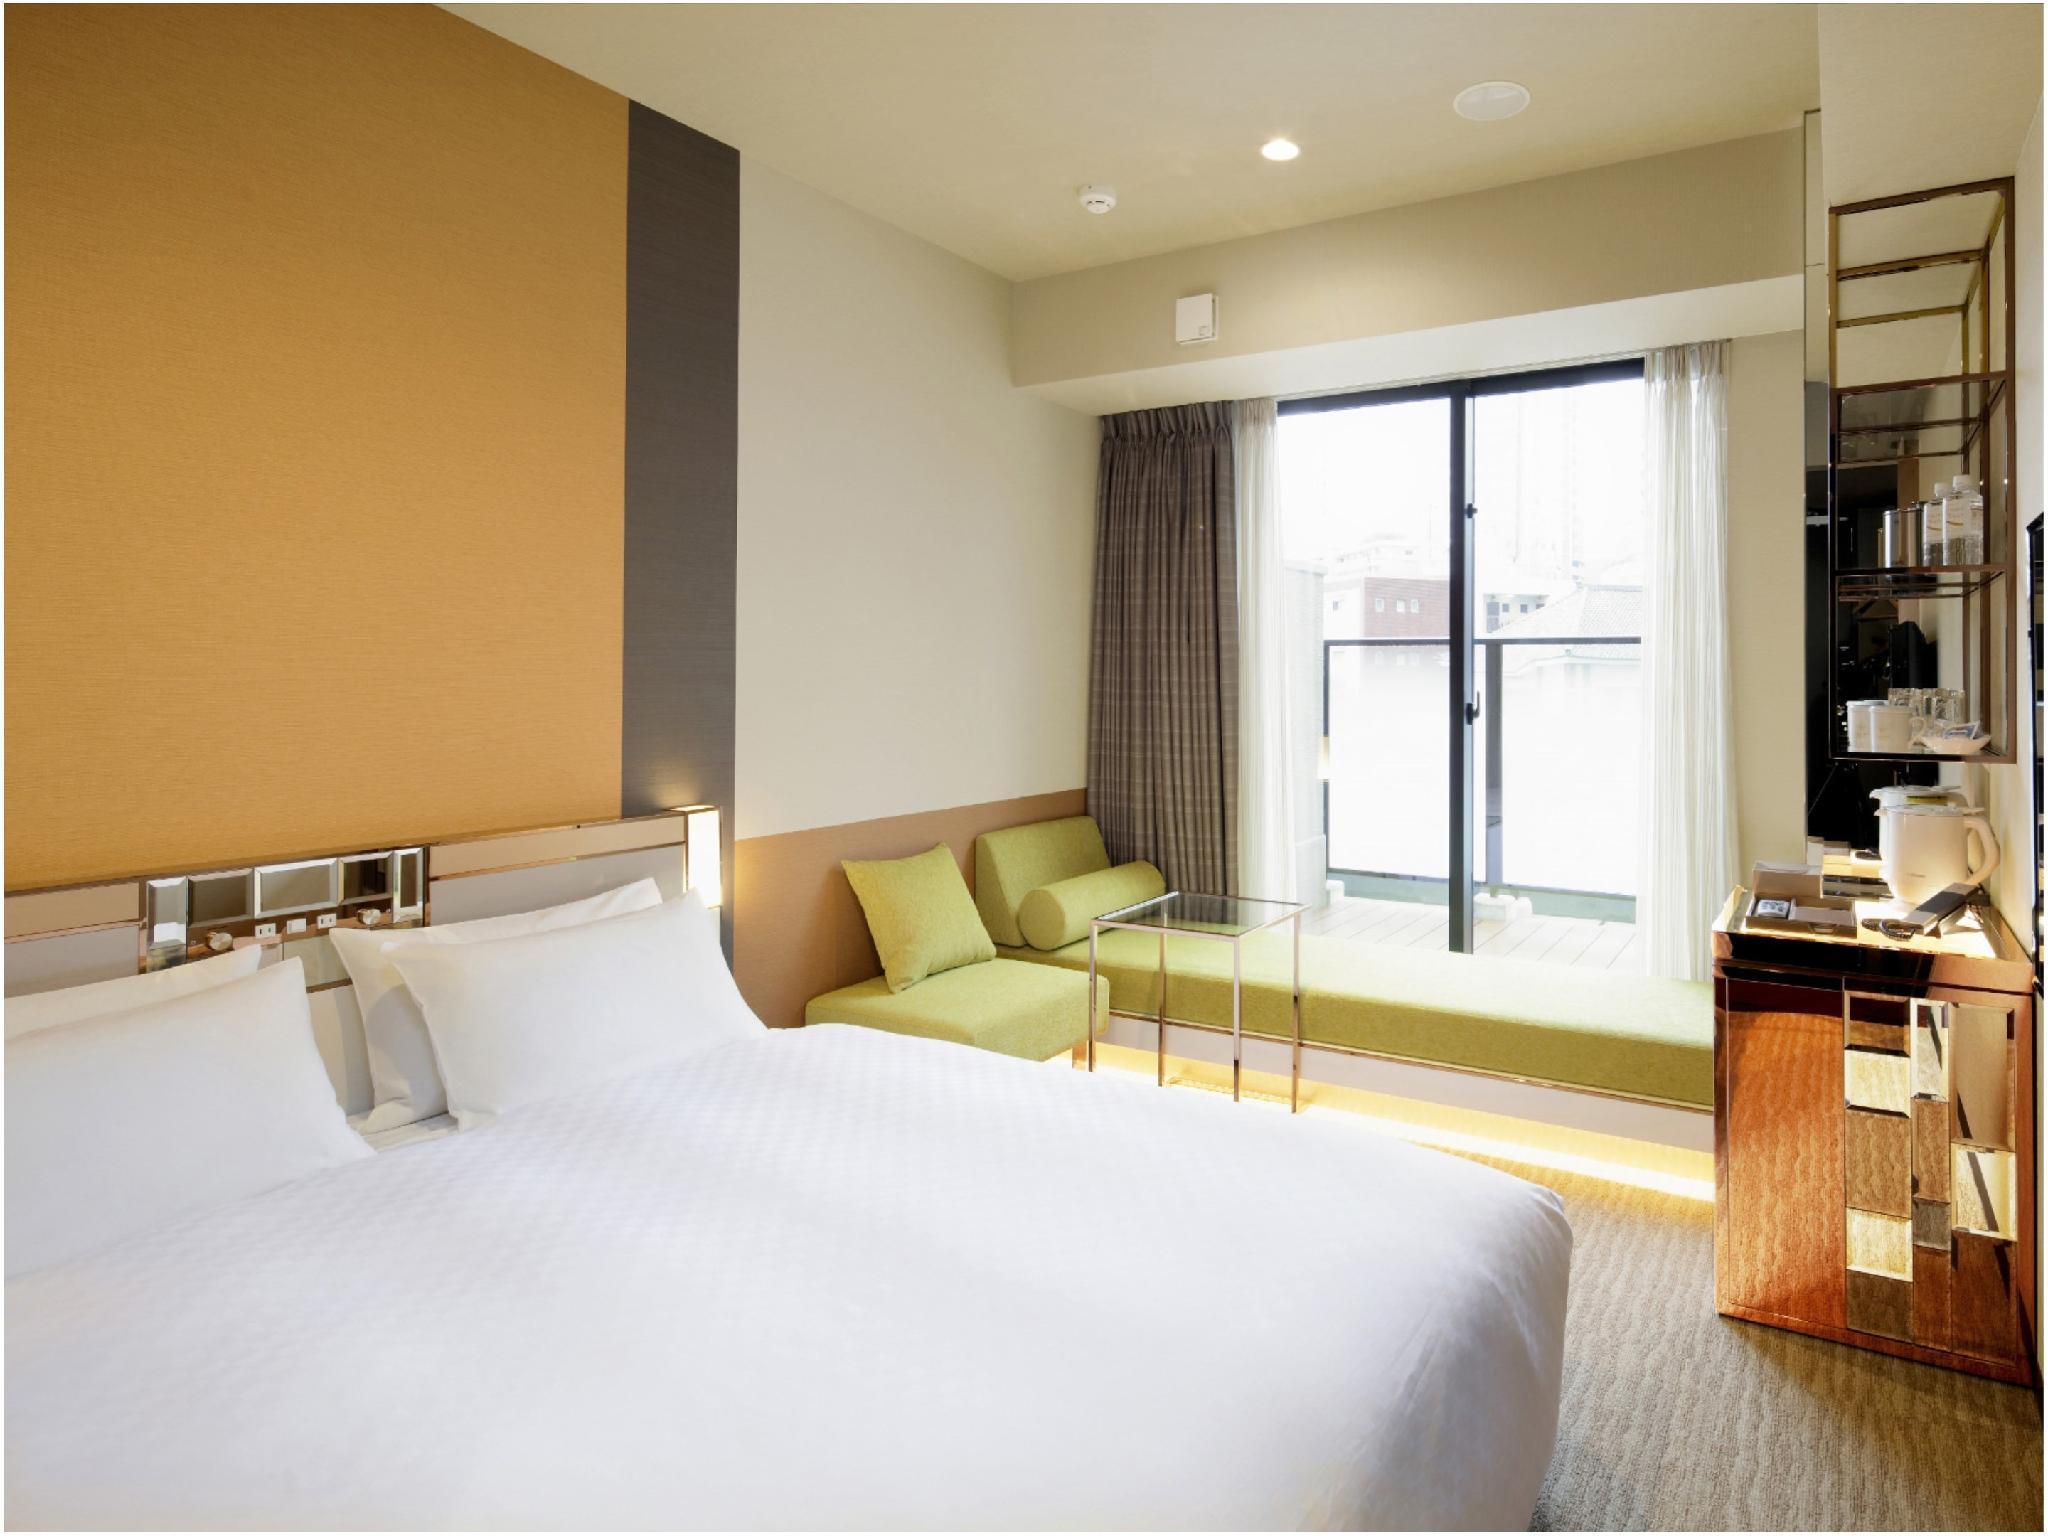 デオ ホテルズ 東京 六本木 カン カンデオホテルズ東京六本木【 2021年最新の料金比較・口コミ・宿泊予約